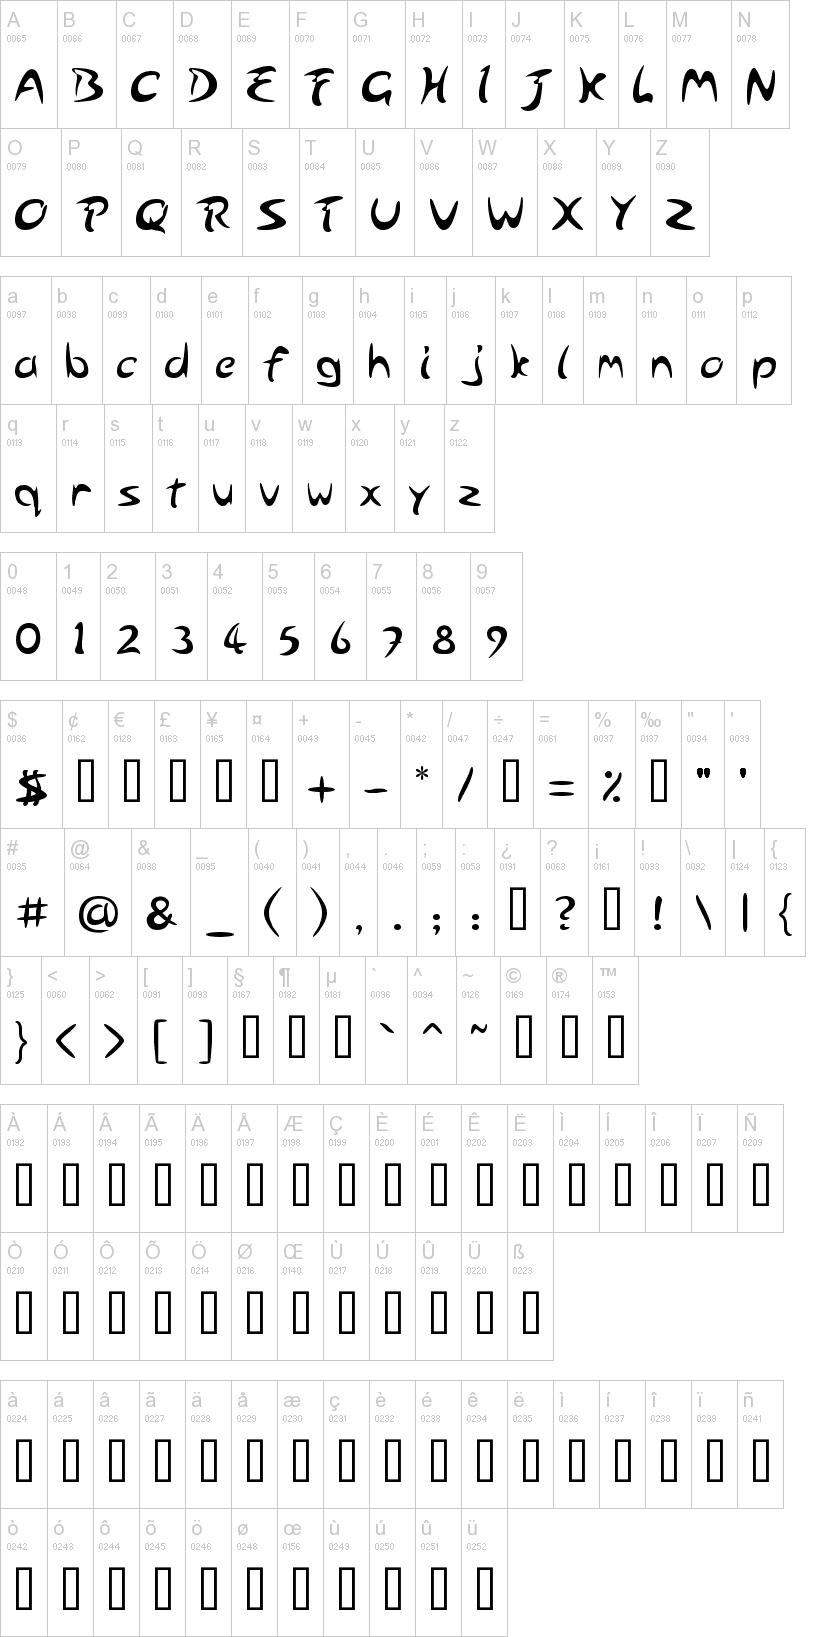 letra arabolical